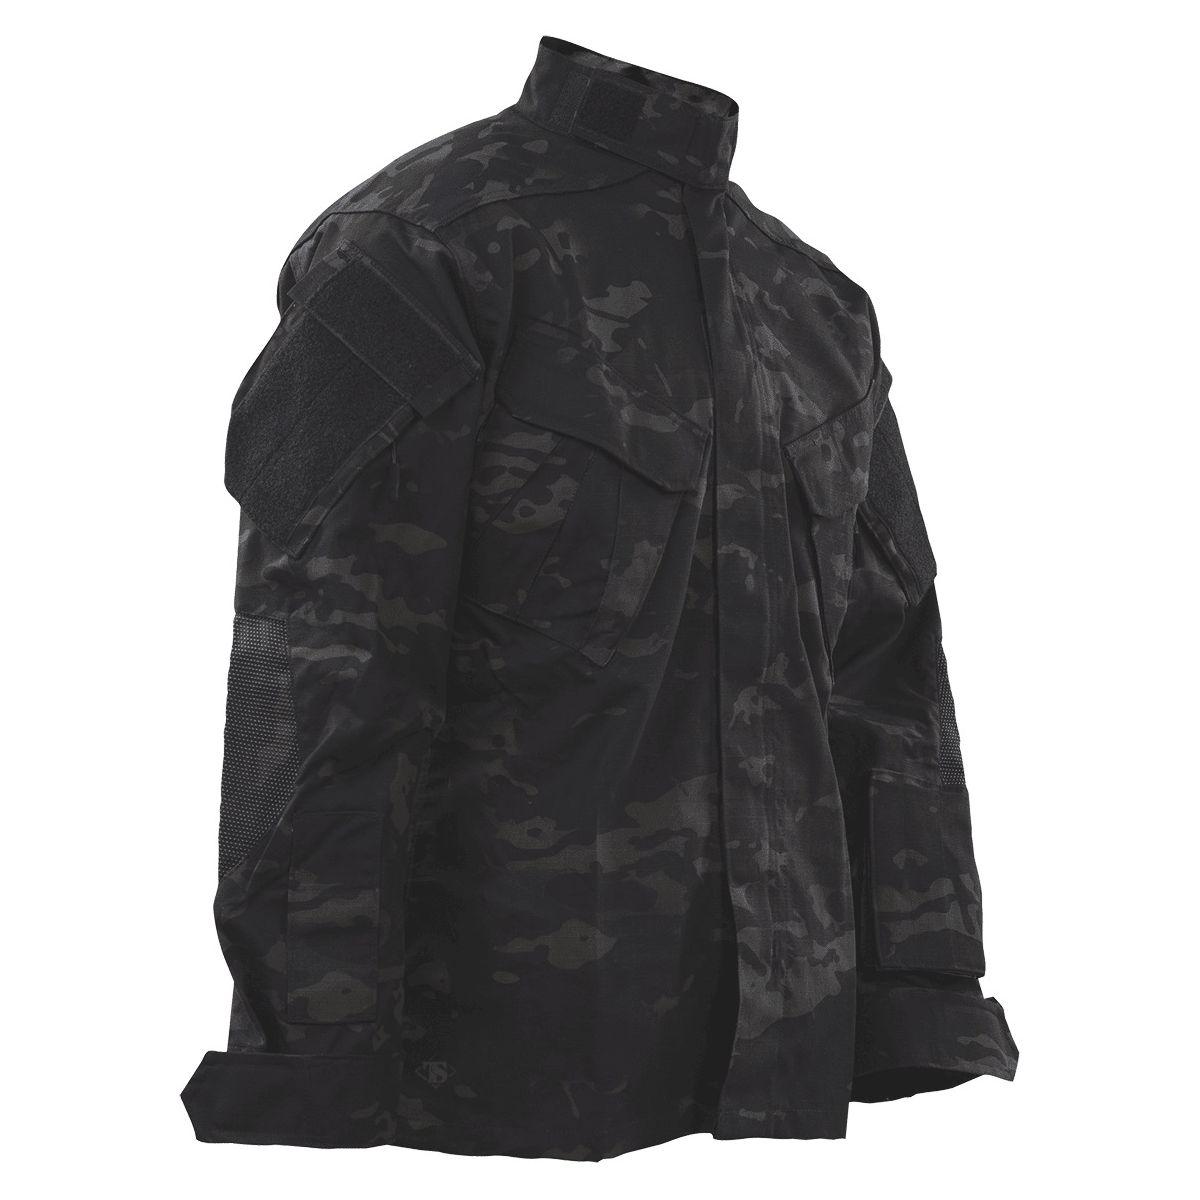 Blůza TRU XTREME rip-stop MULTICAM BLACK® TRU-SPEC 1238000 L-11